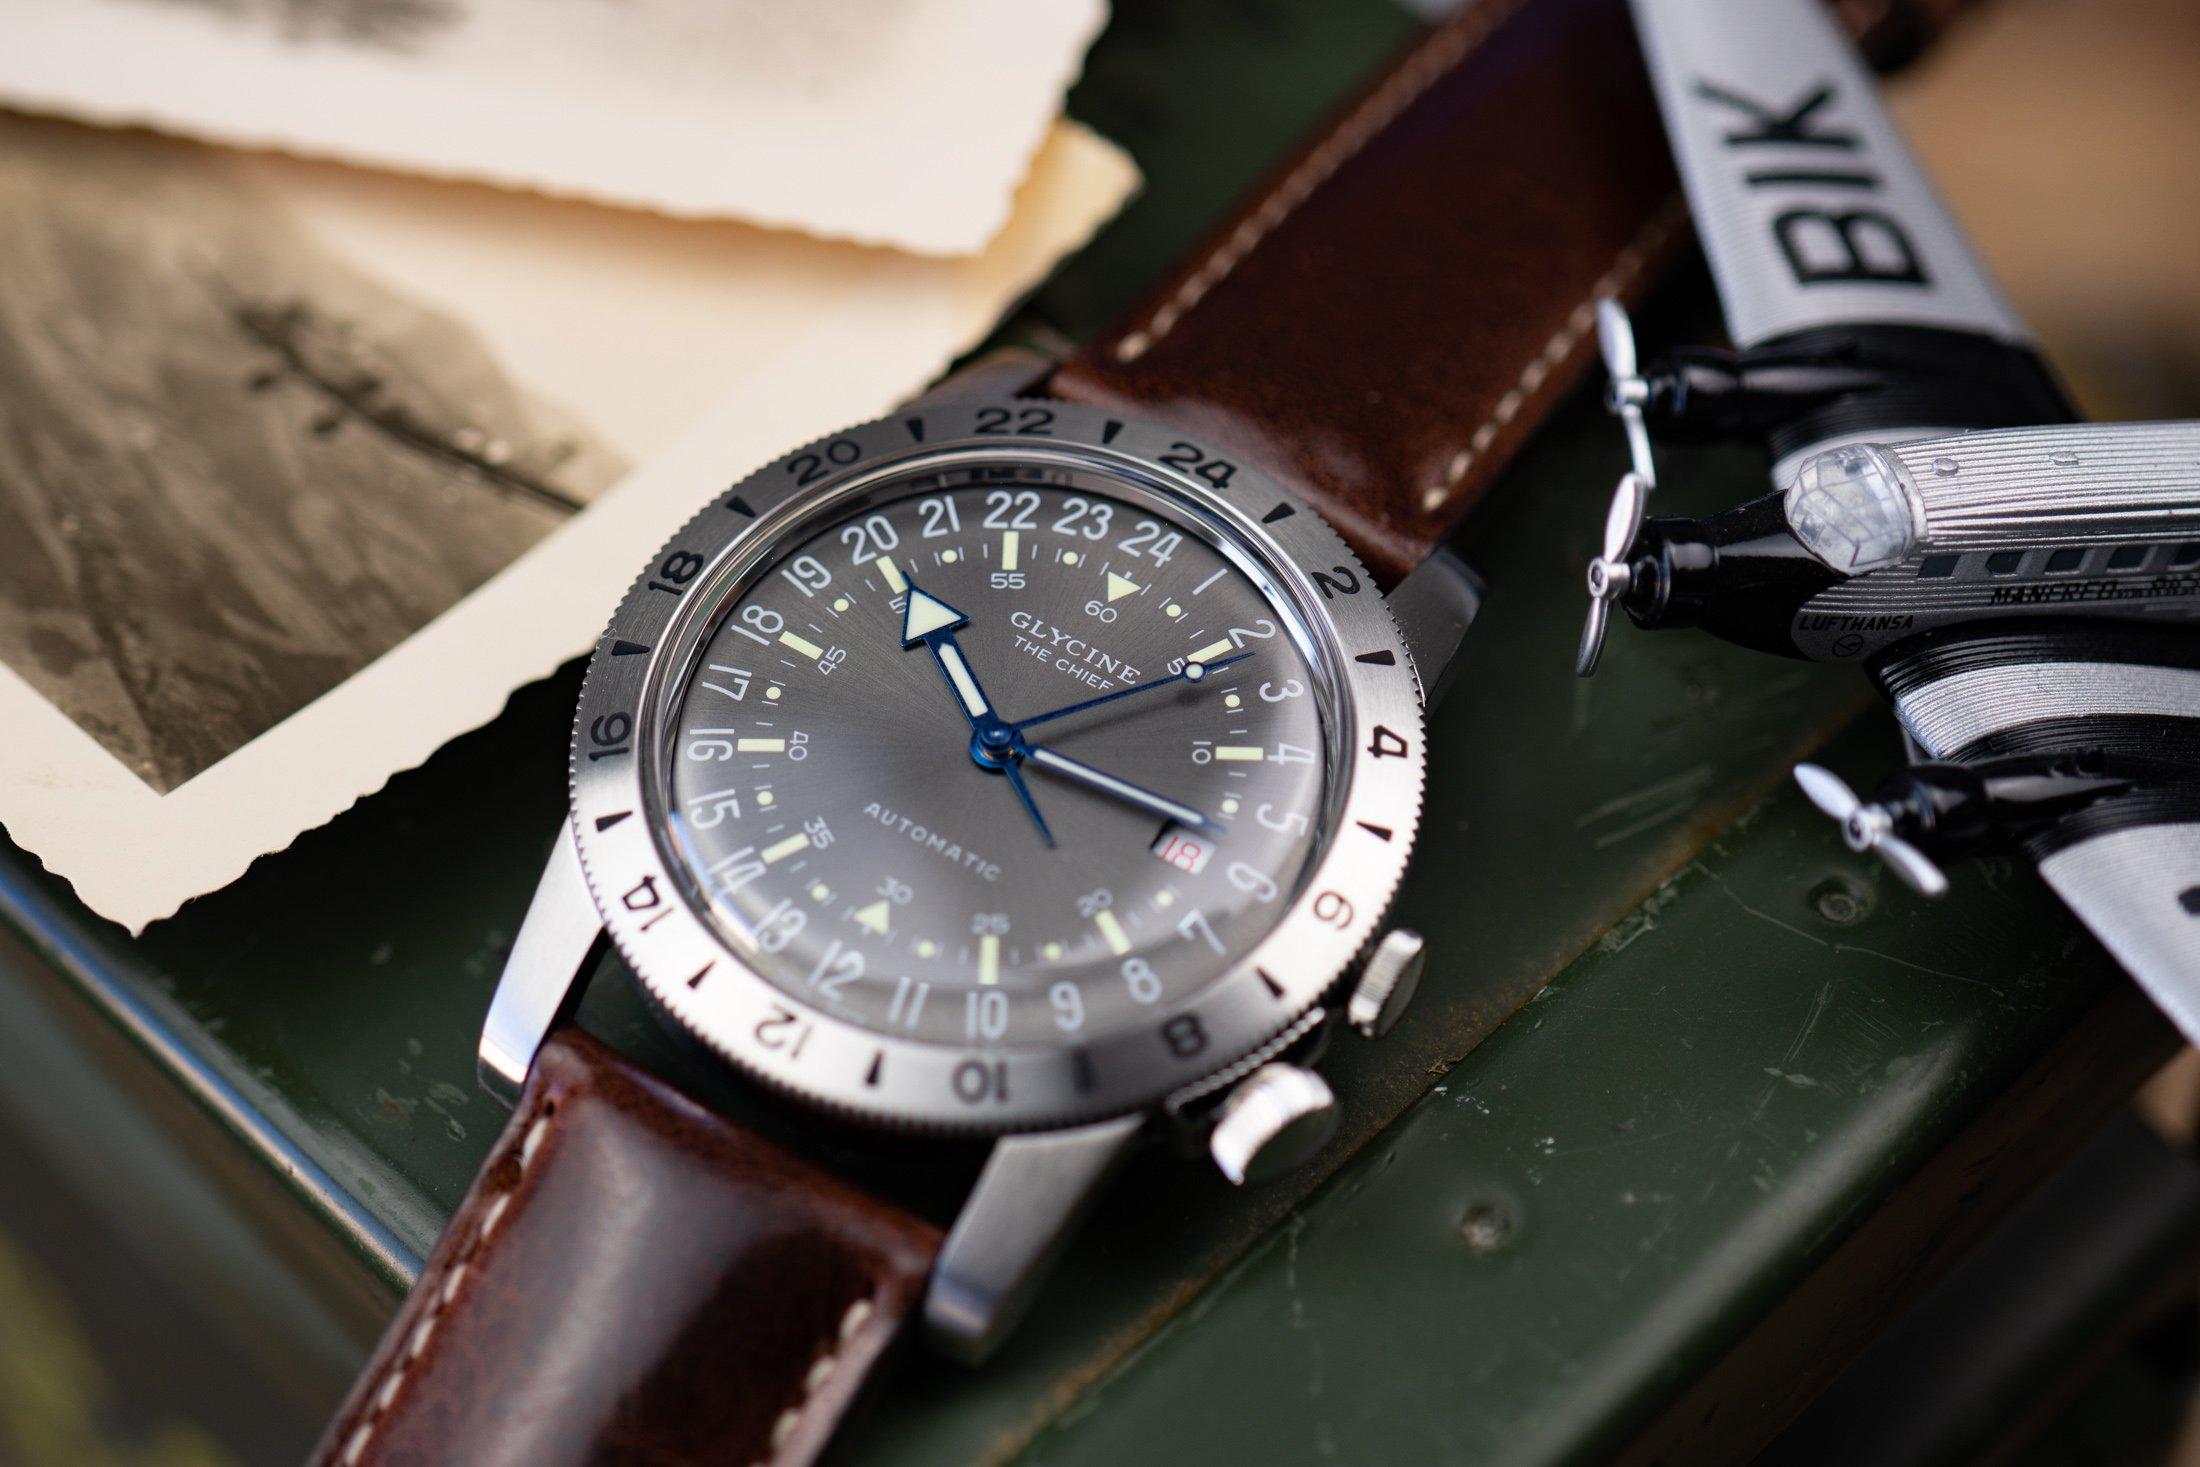 Glycine-Airman-GMT-Uhr-24-Stunden